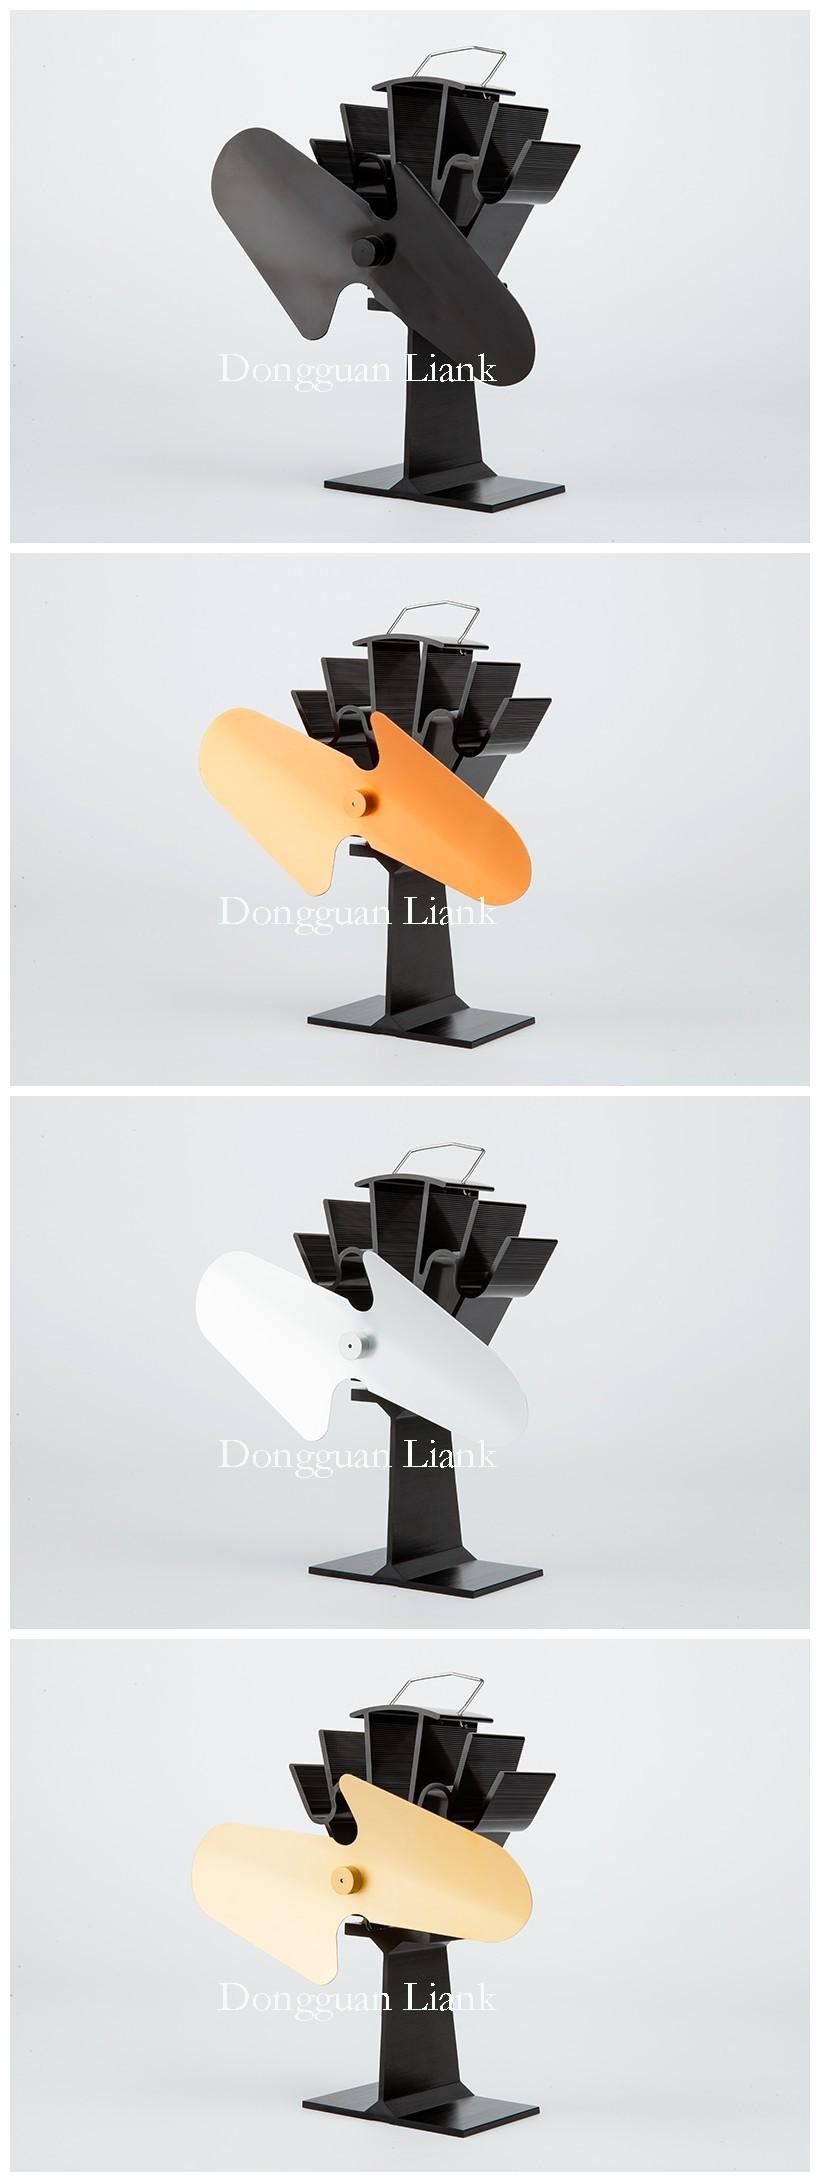 liank ecofan fireplace heat powered stove fan sf 112 wood stove